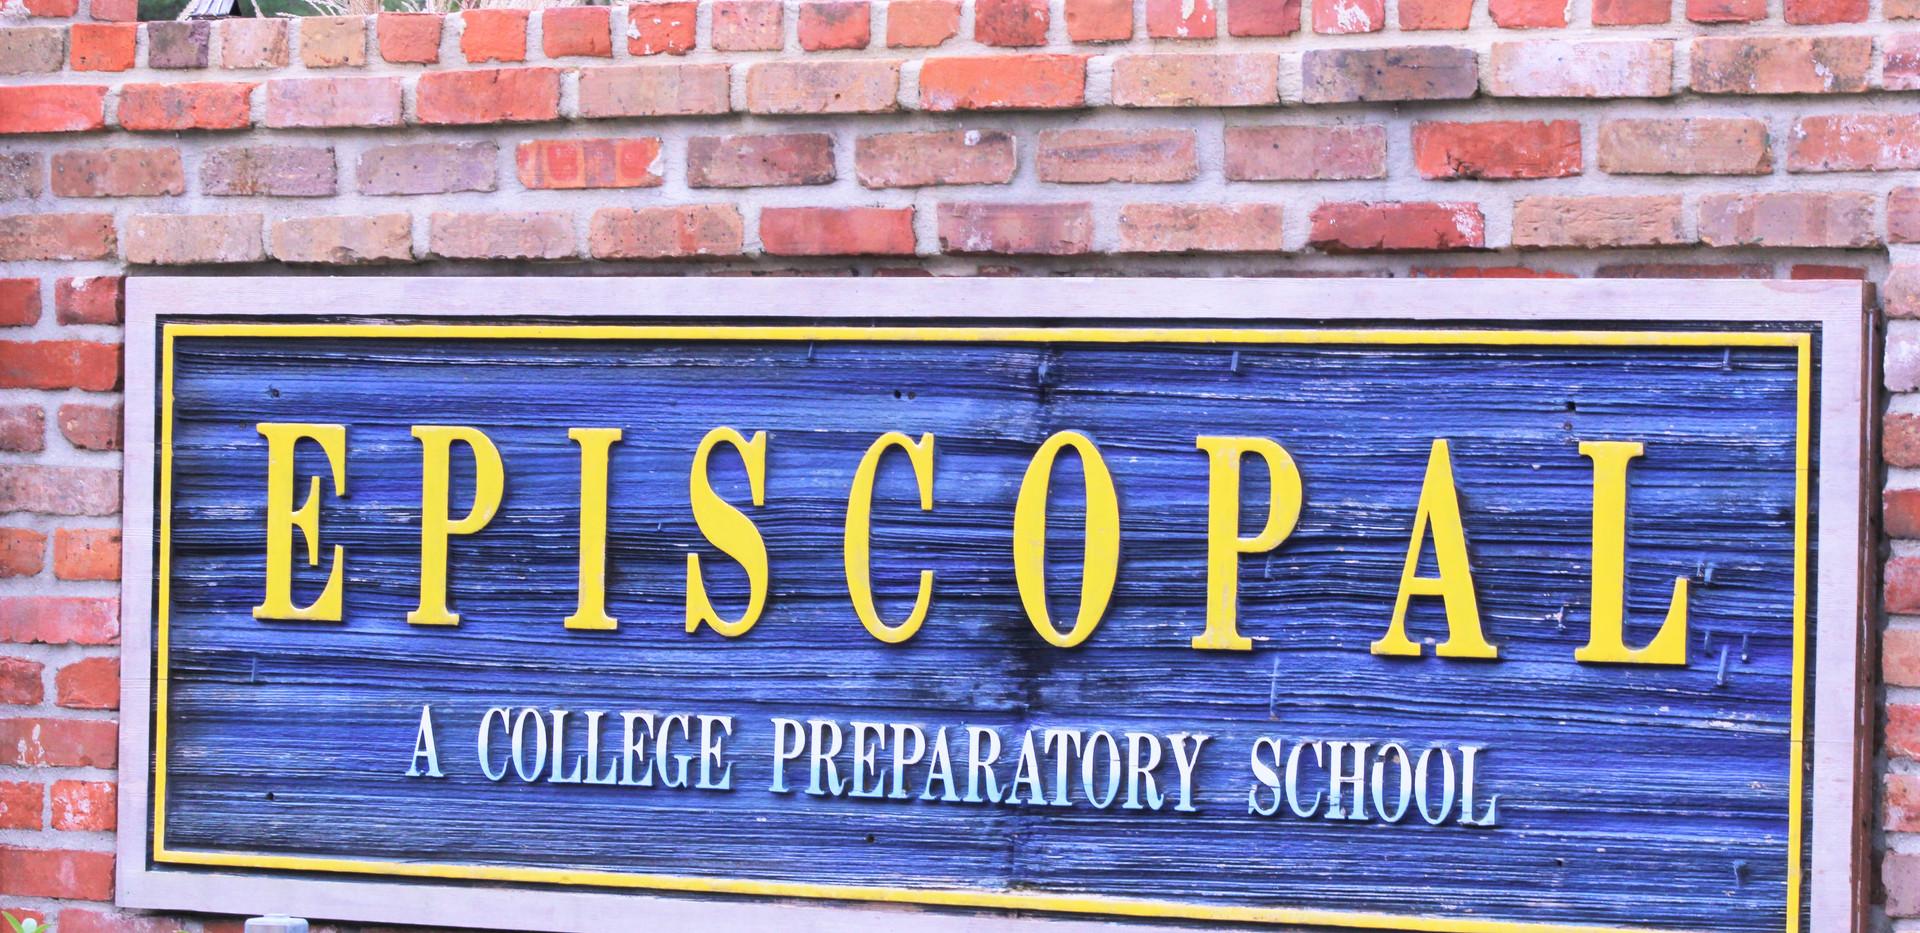 episcopal sign front of school.JPG